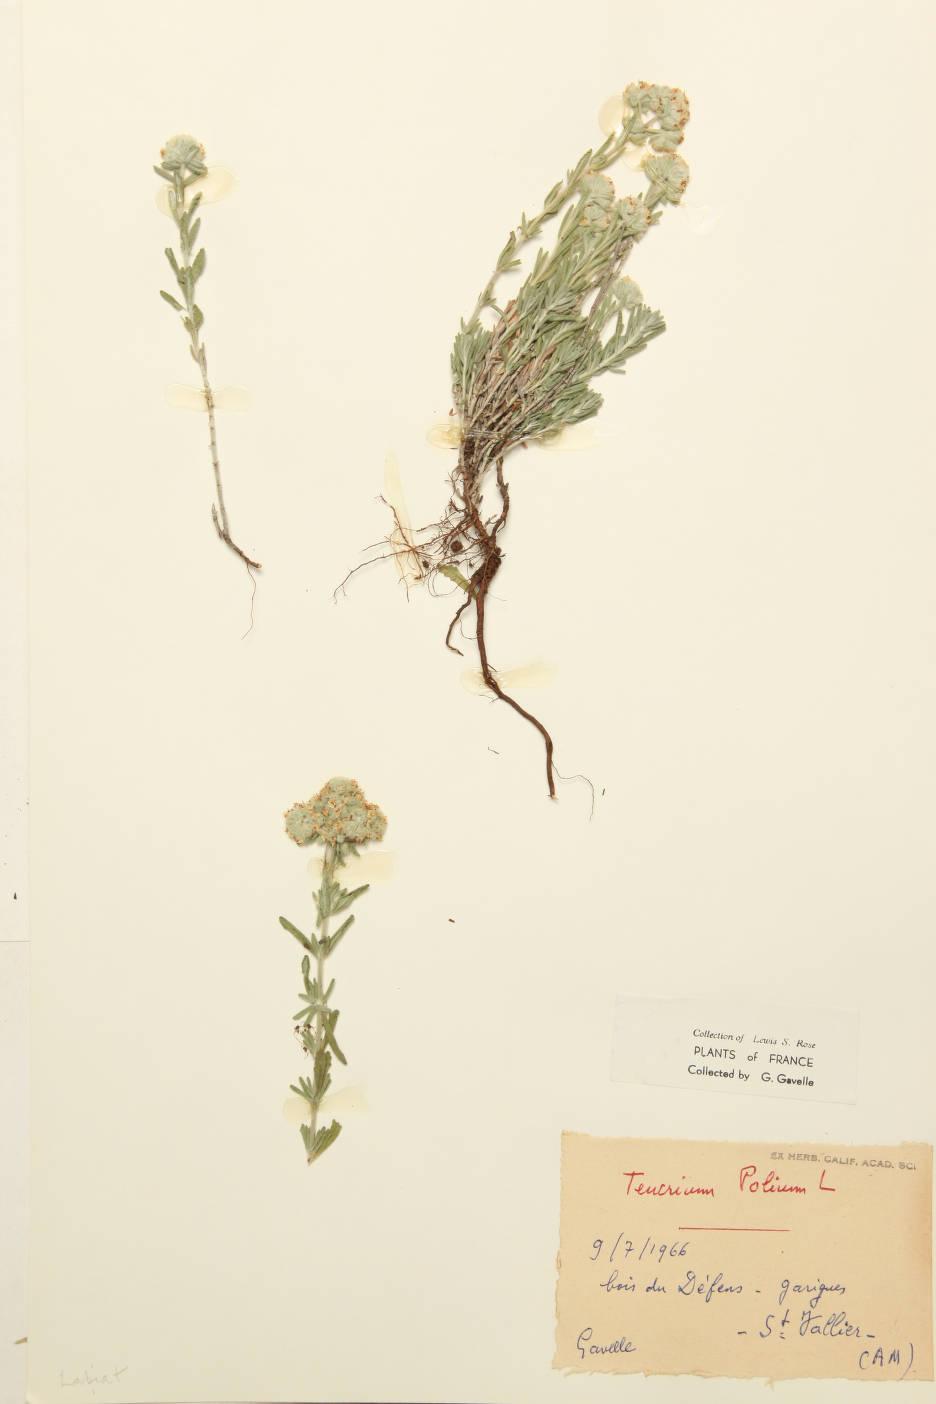 Image of Teucrium polium